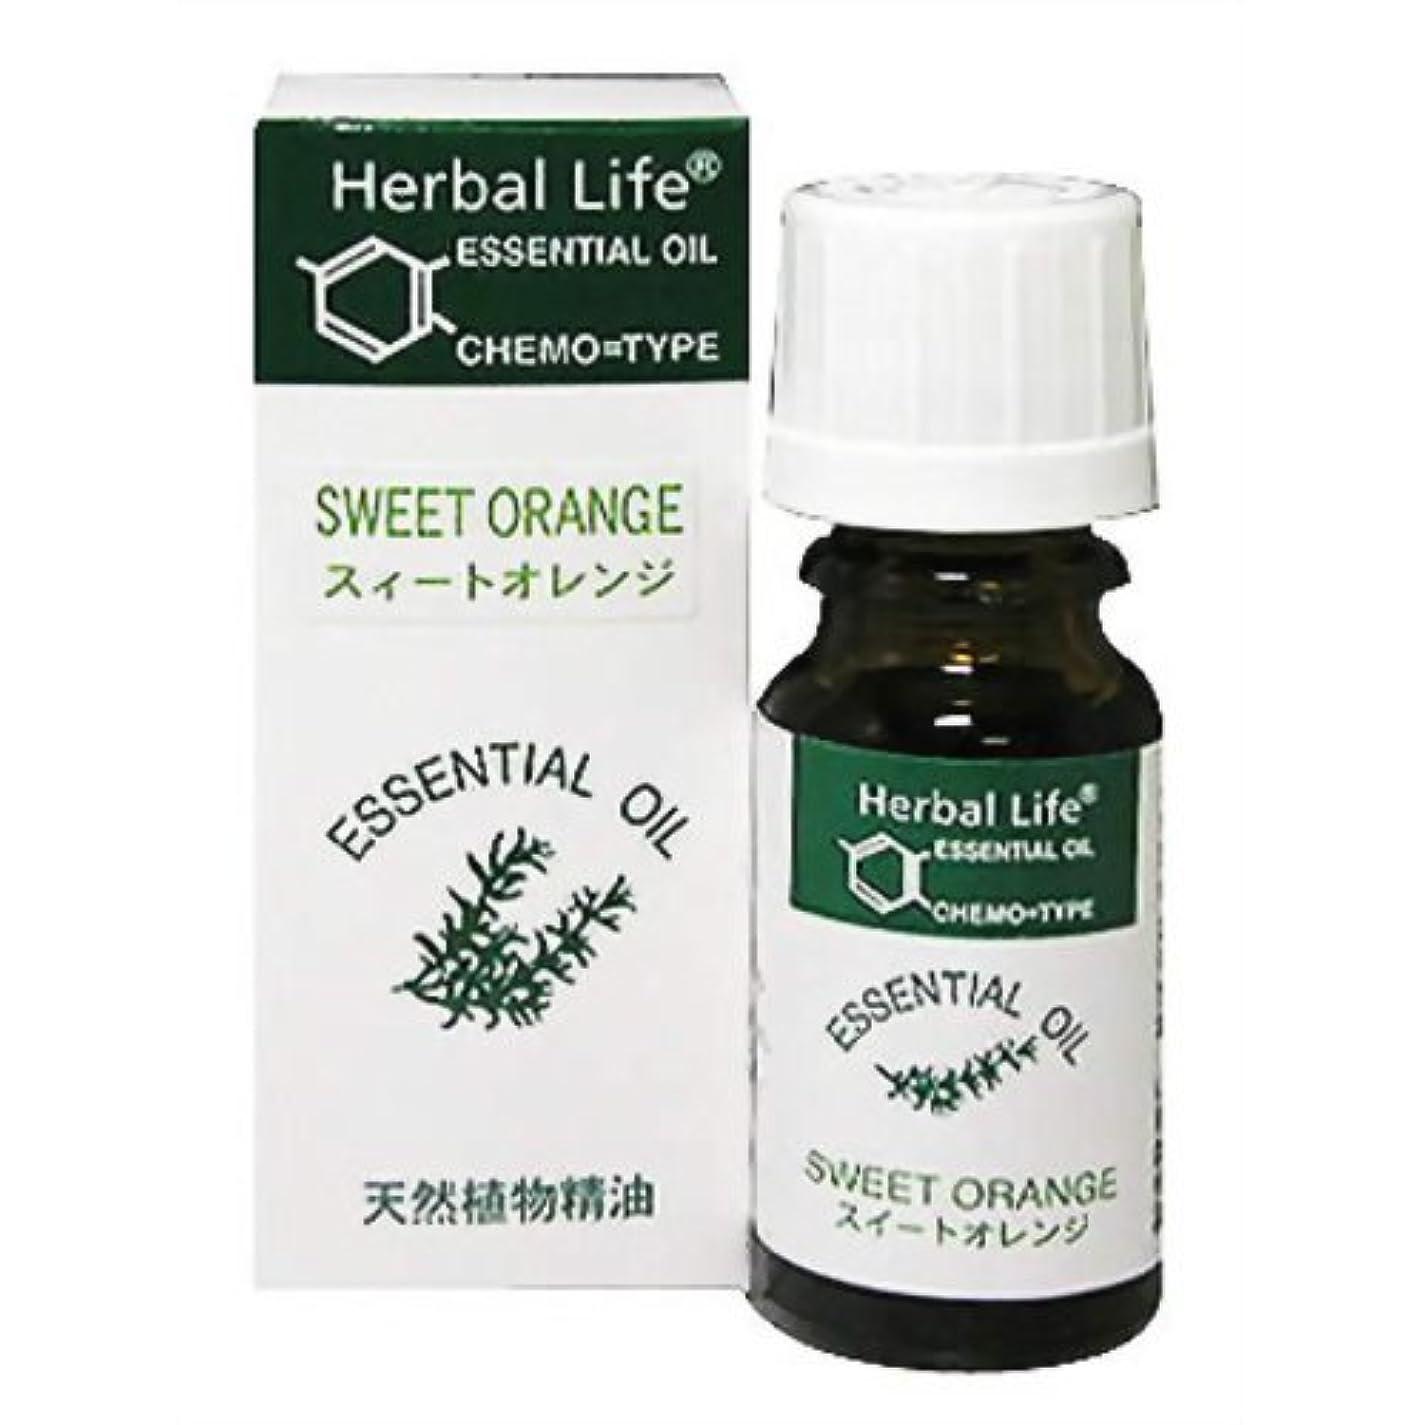 食器棚細分化するクラス生活の木 Herbal Life スィートオレンジ 10ml